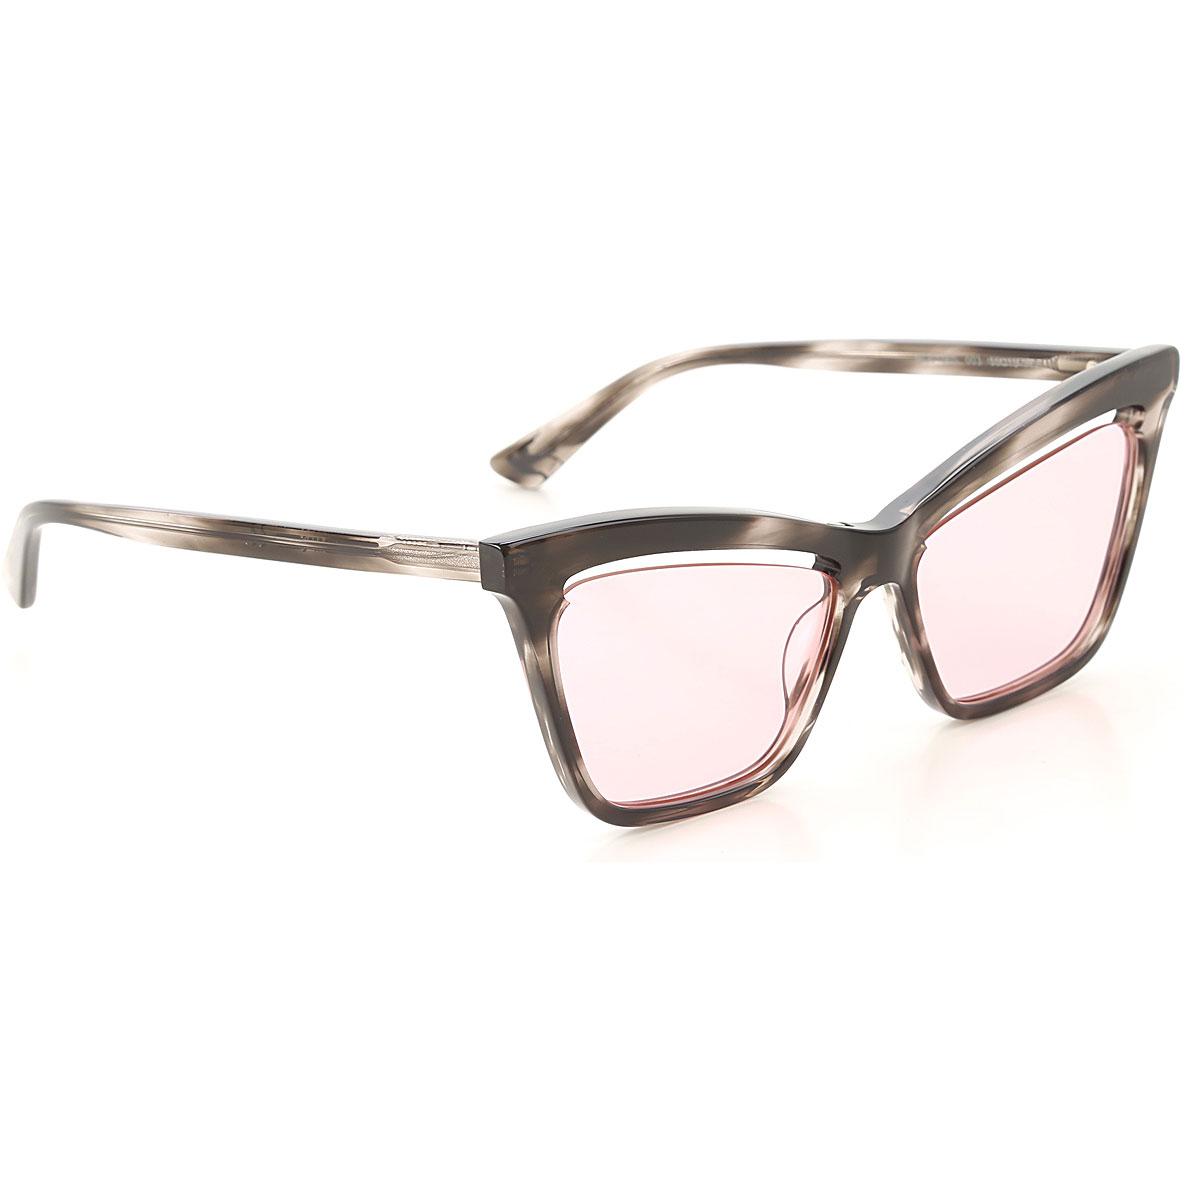 Alexander McQueen McQ Sunglasses On Sale, Grey Havana, 2019